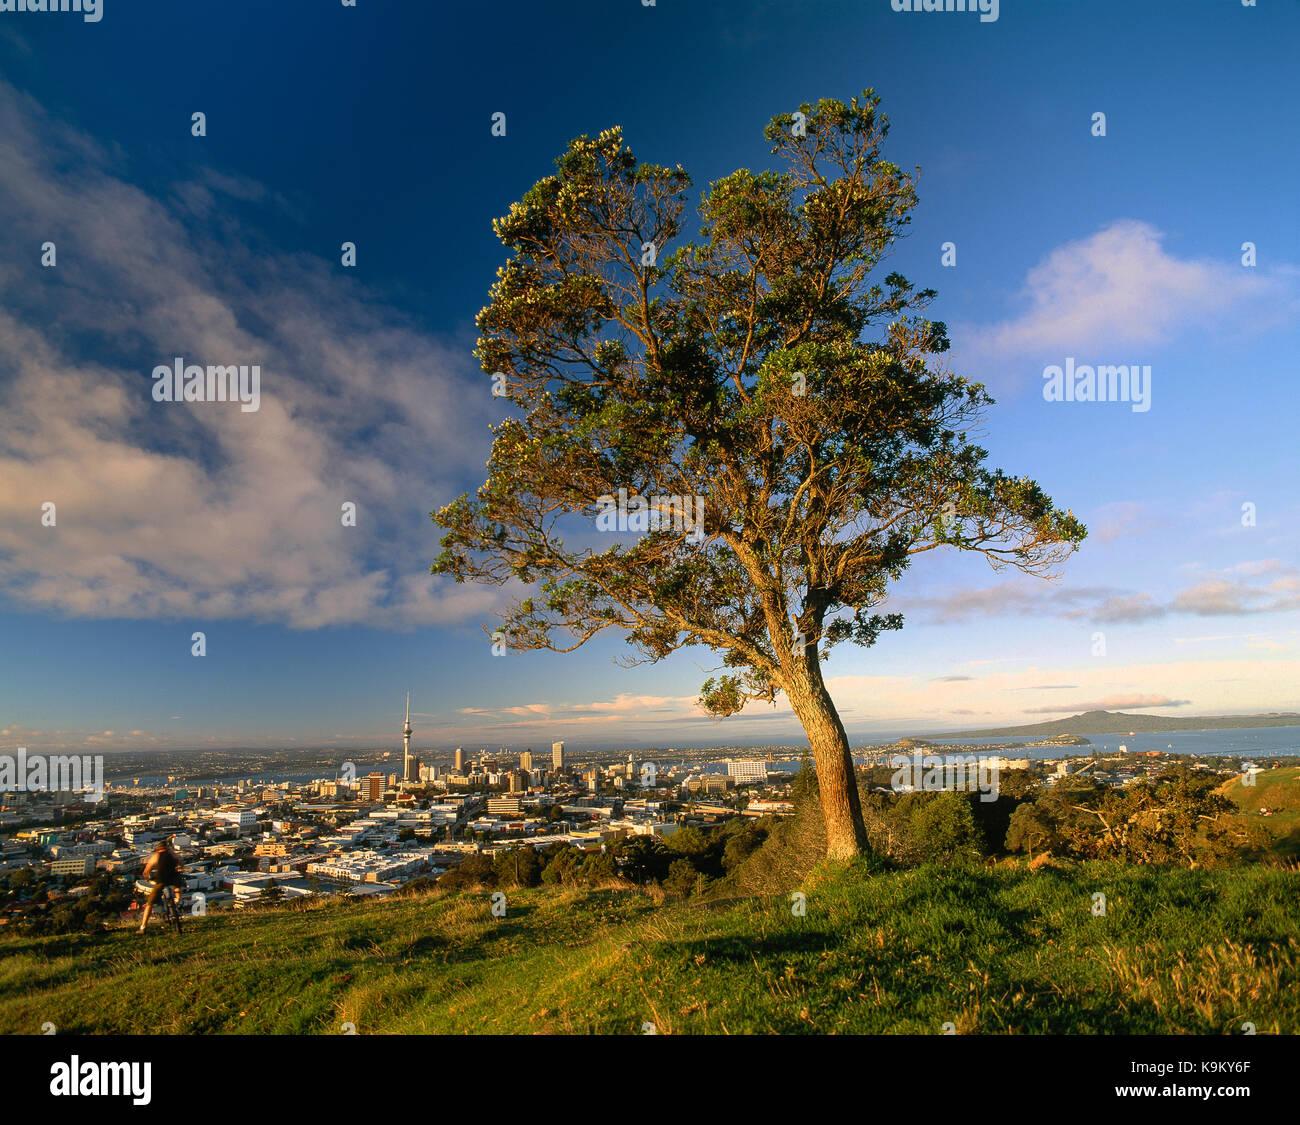 La Nouvelle-Zélande. auckland. Vue de haut de la ville sur le mont Eden avec l'arbre. Photo Stock